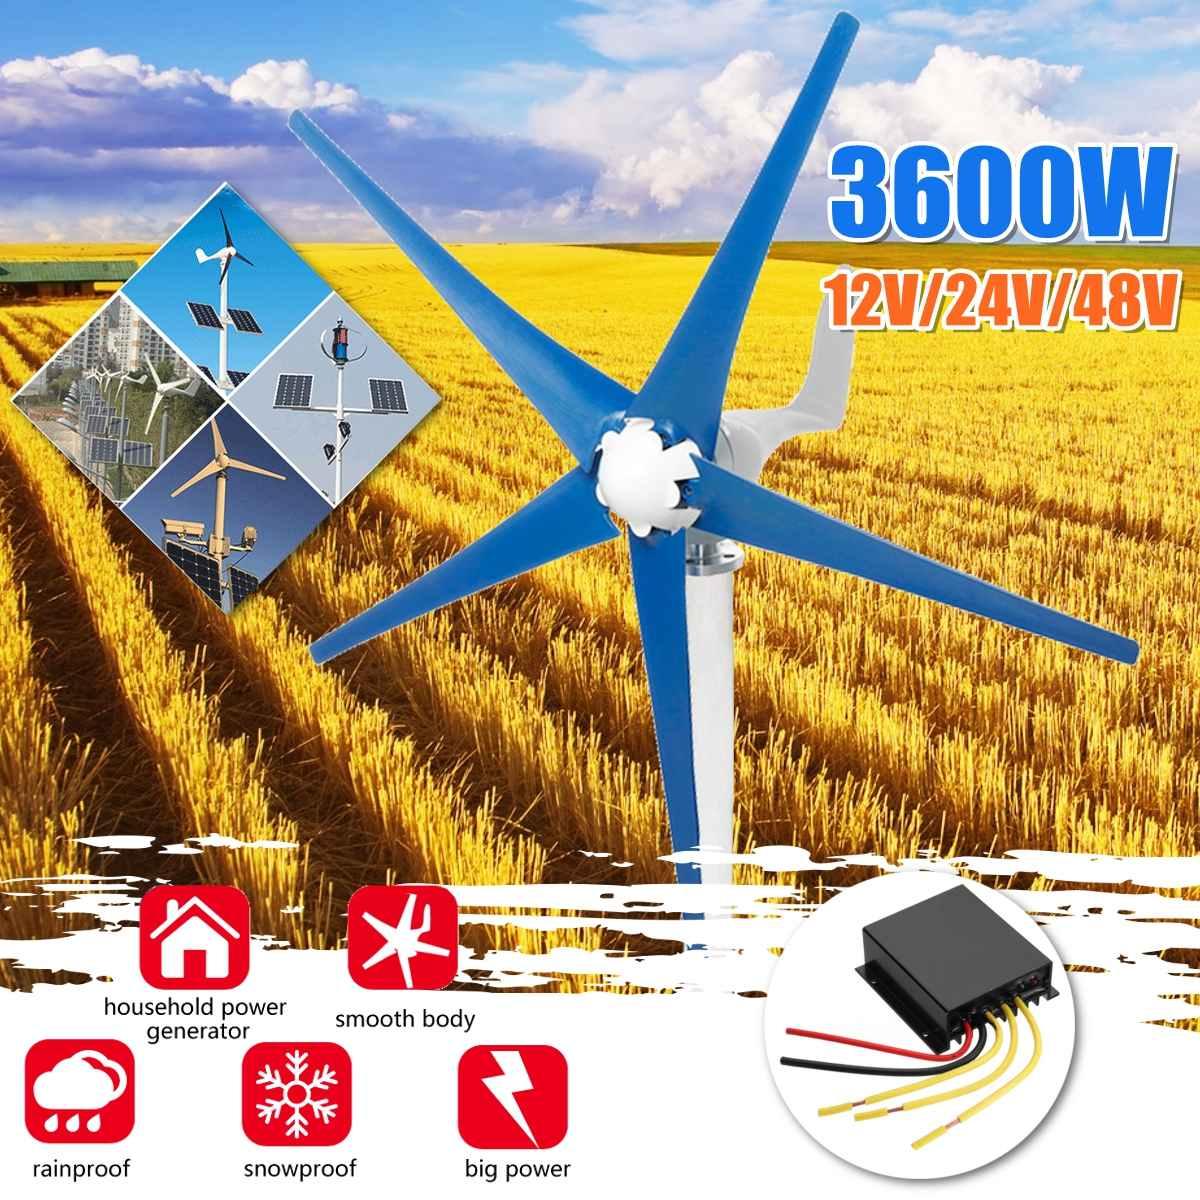 Générateur d'éoliennes à 5 pales 3600W 12/24/48V générateur d'énergie permanente à axe Horizontal pour la maison, le réverbère, l'utilisation de bateau